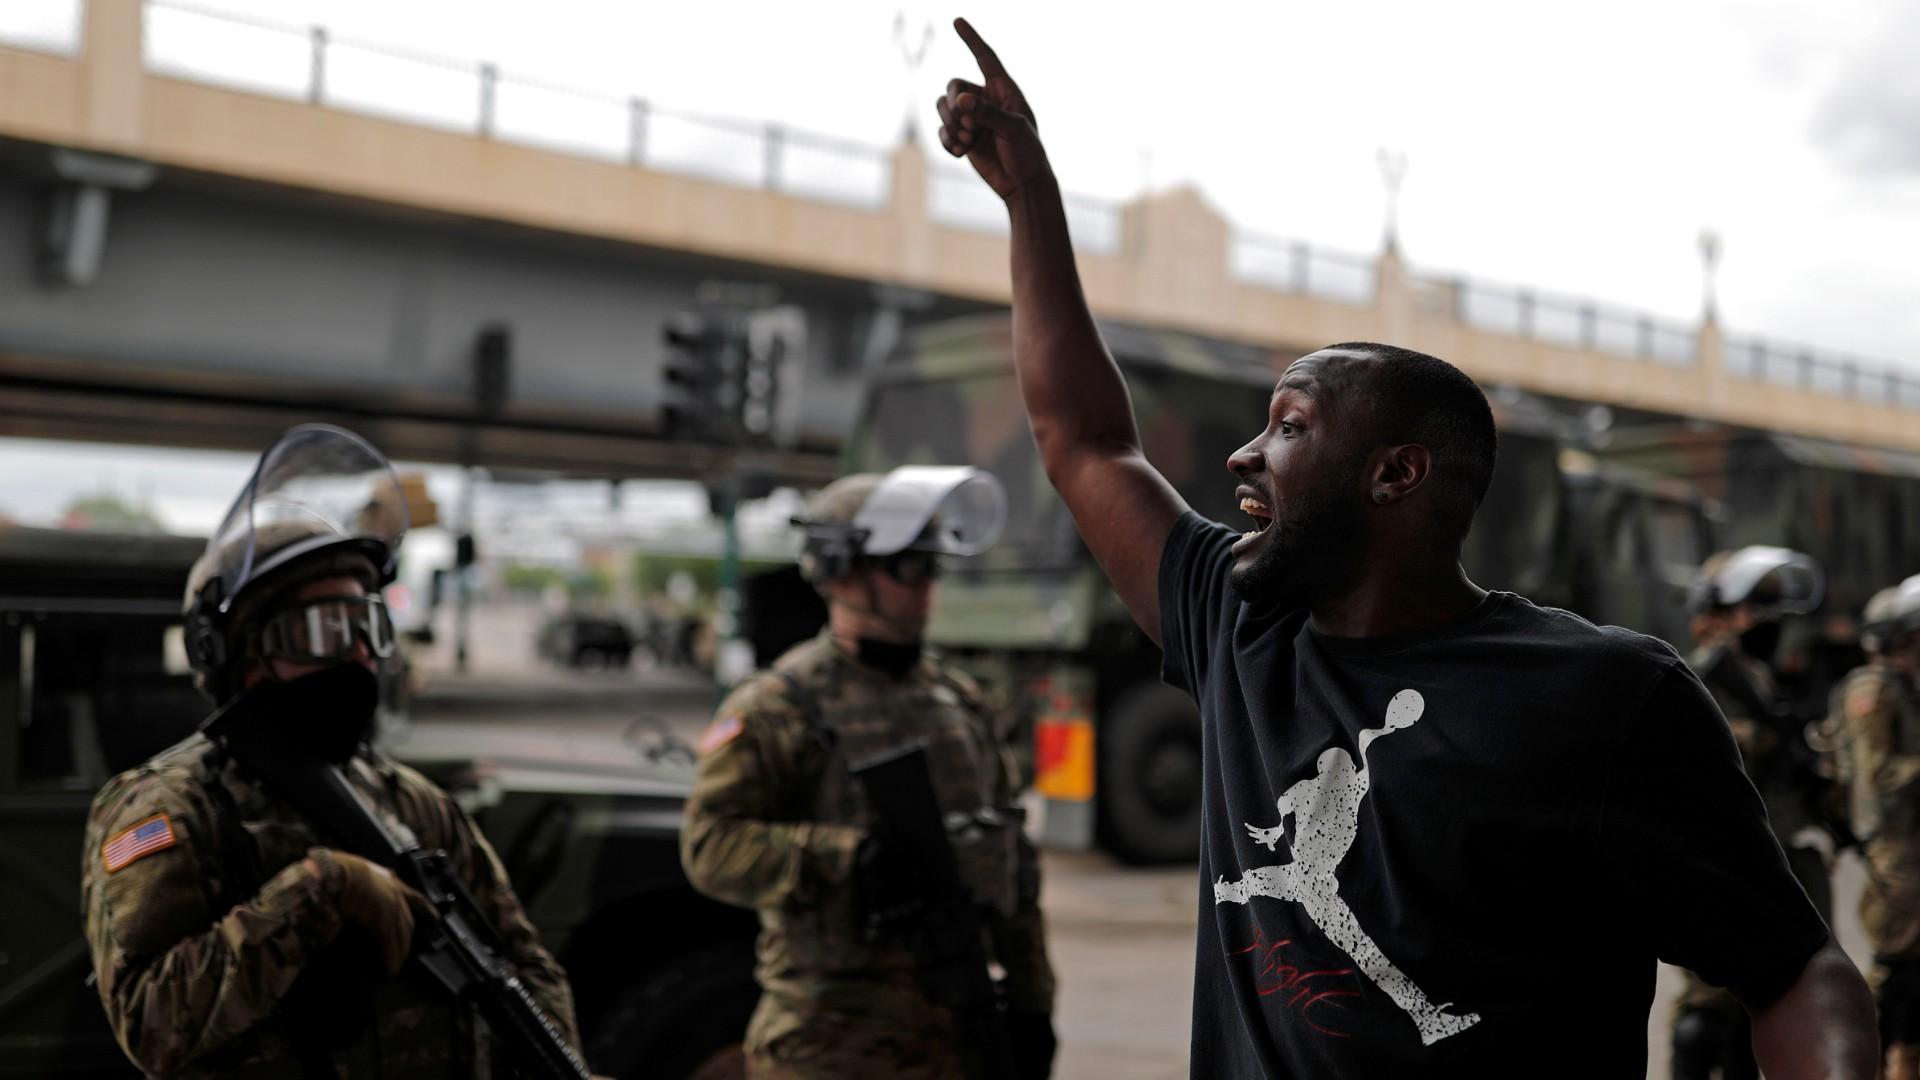 Detienen al policía acusado de acabar con la vida del afroamericano George Floyd en Minneapolis